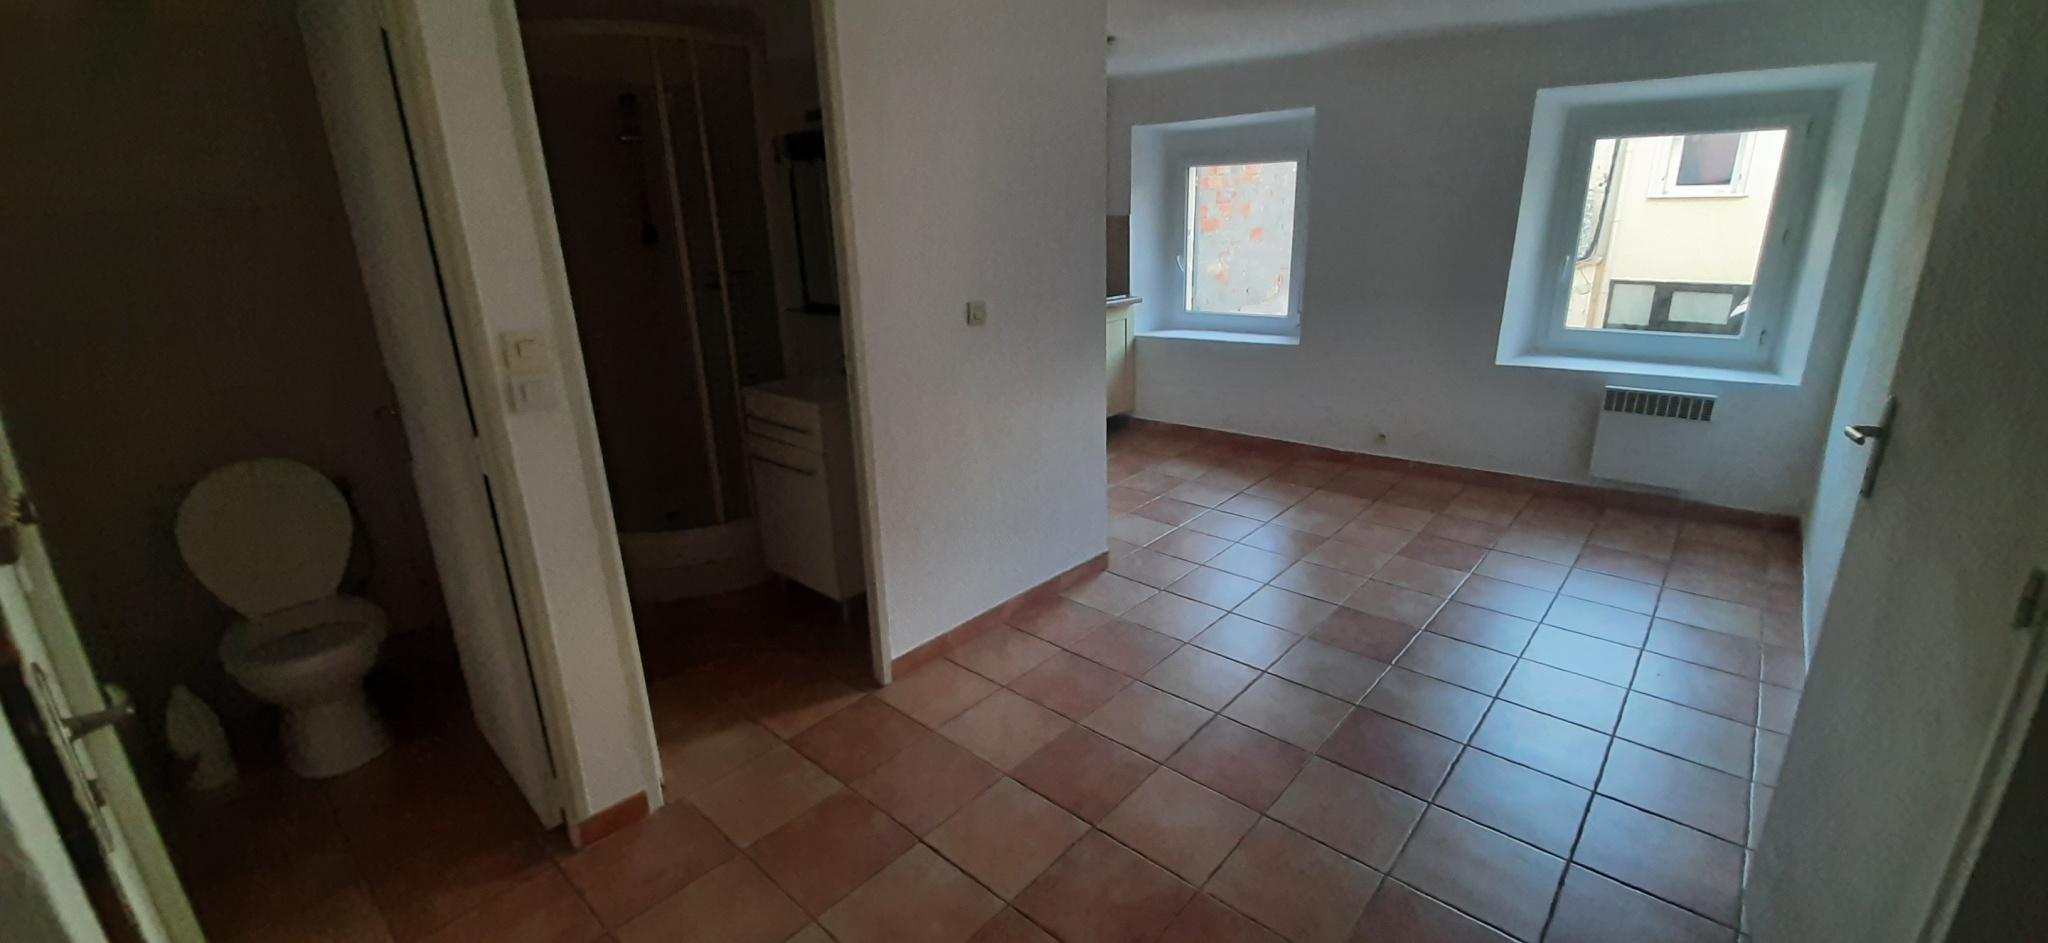 location-appartement-Marseille-13007-2 pièces